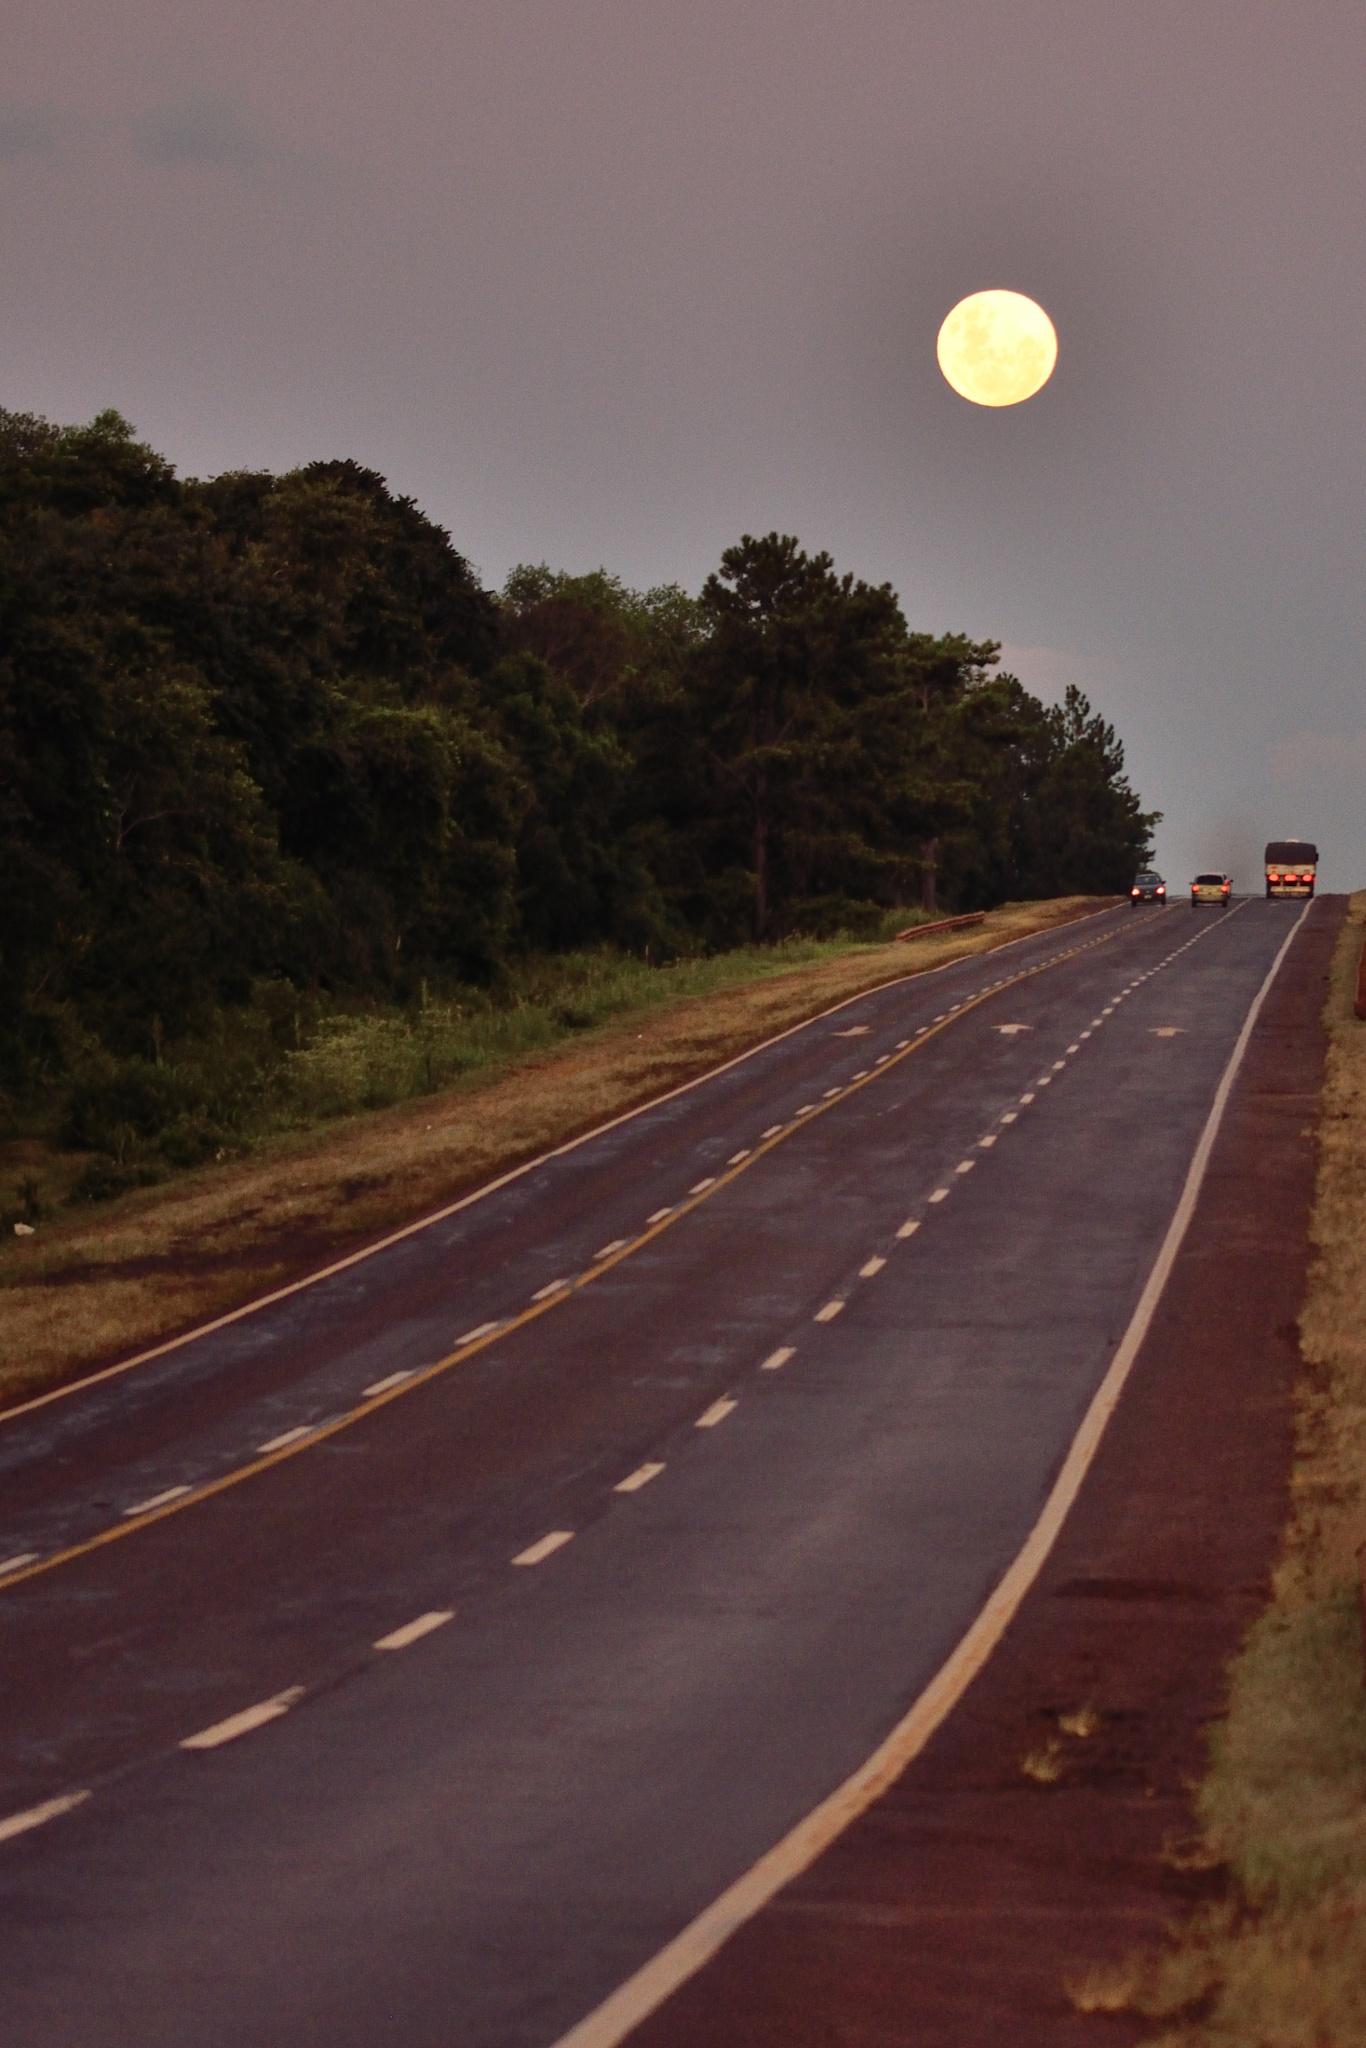 La luna en tierras coloradas by Diego Gallego